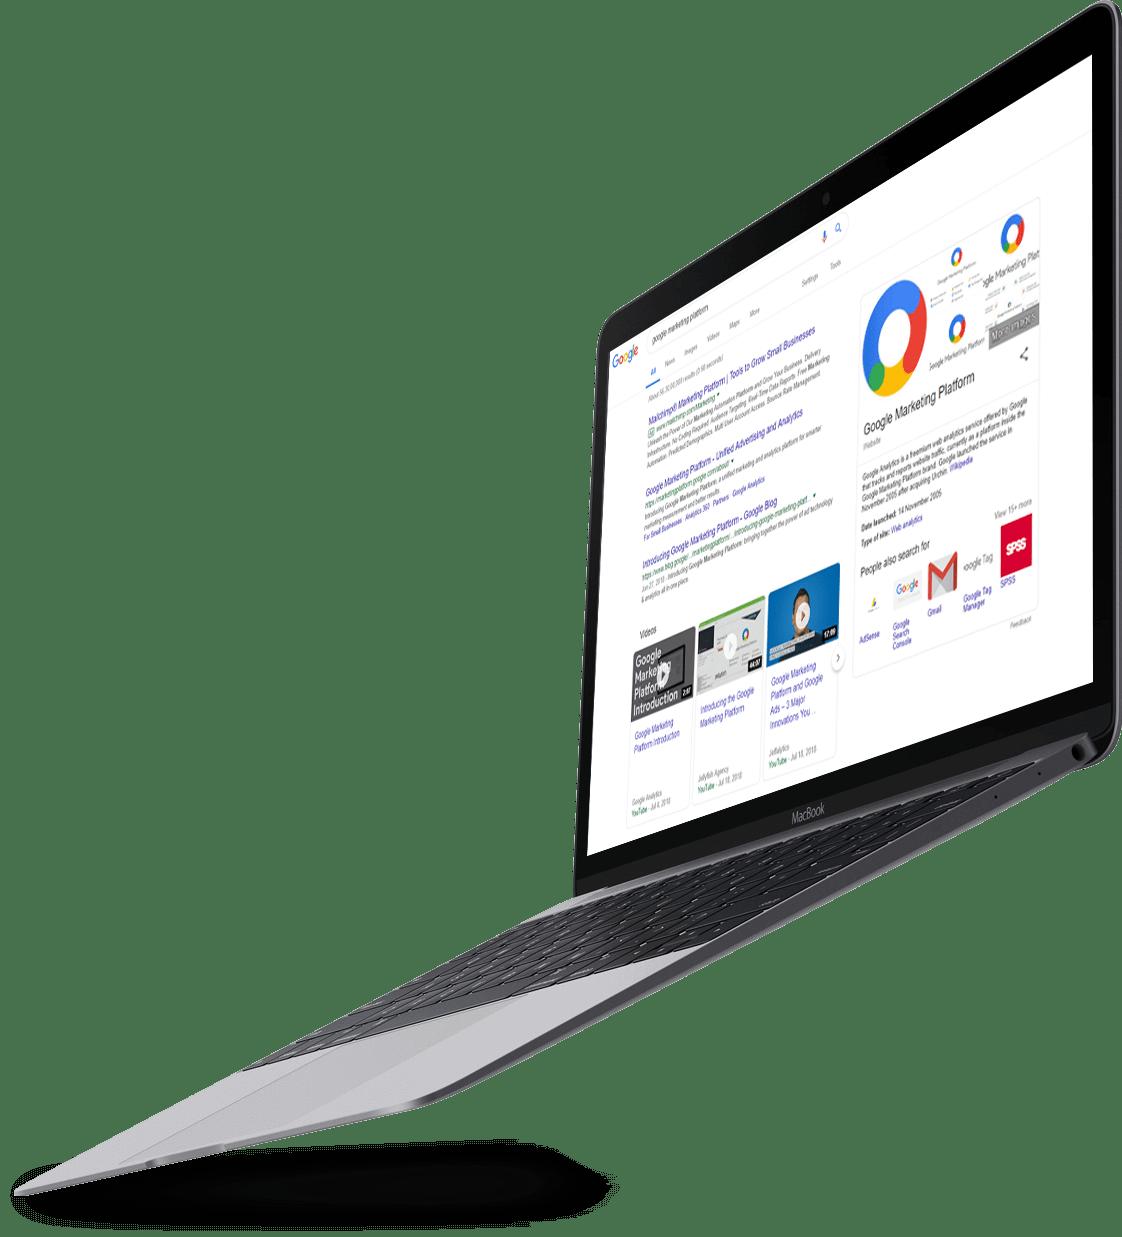 Laptop displaying Google Analytics for San Jose business